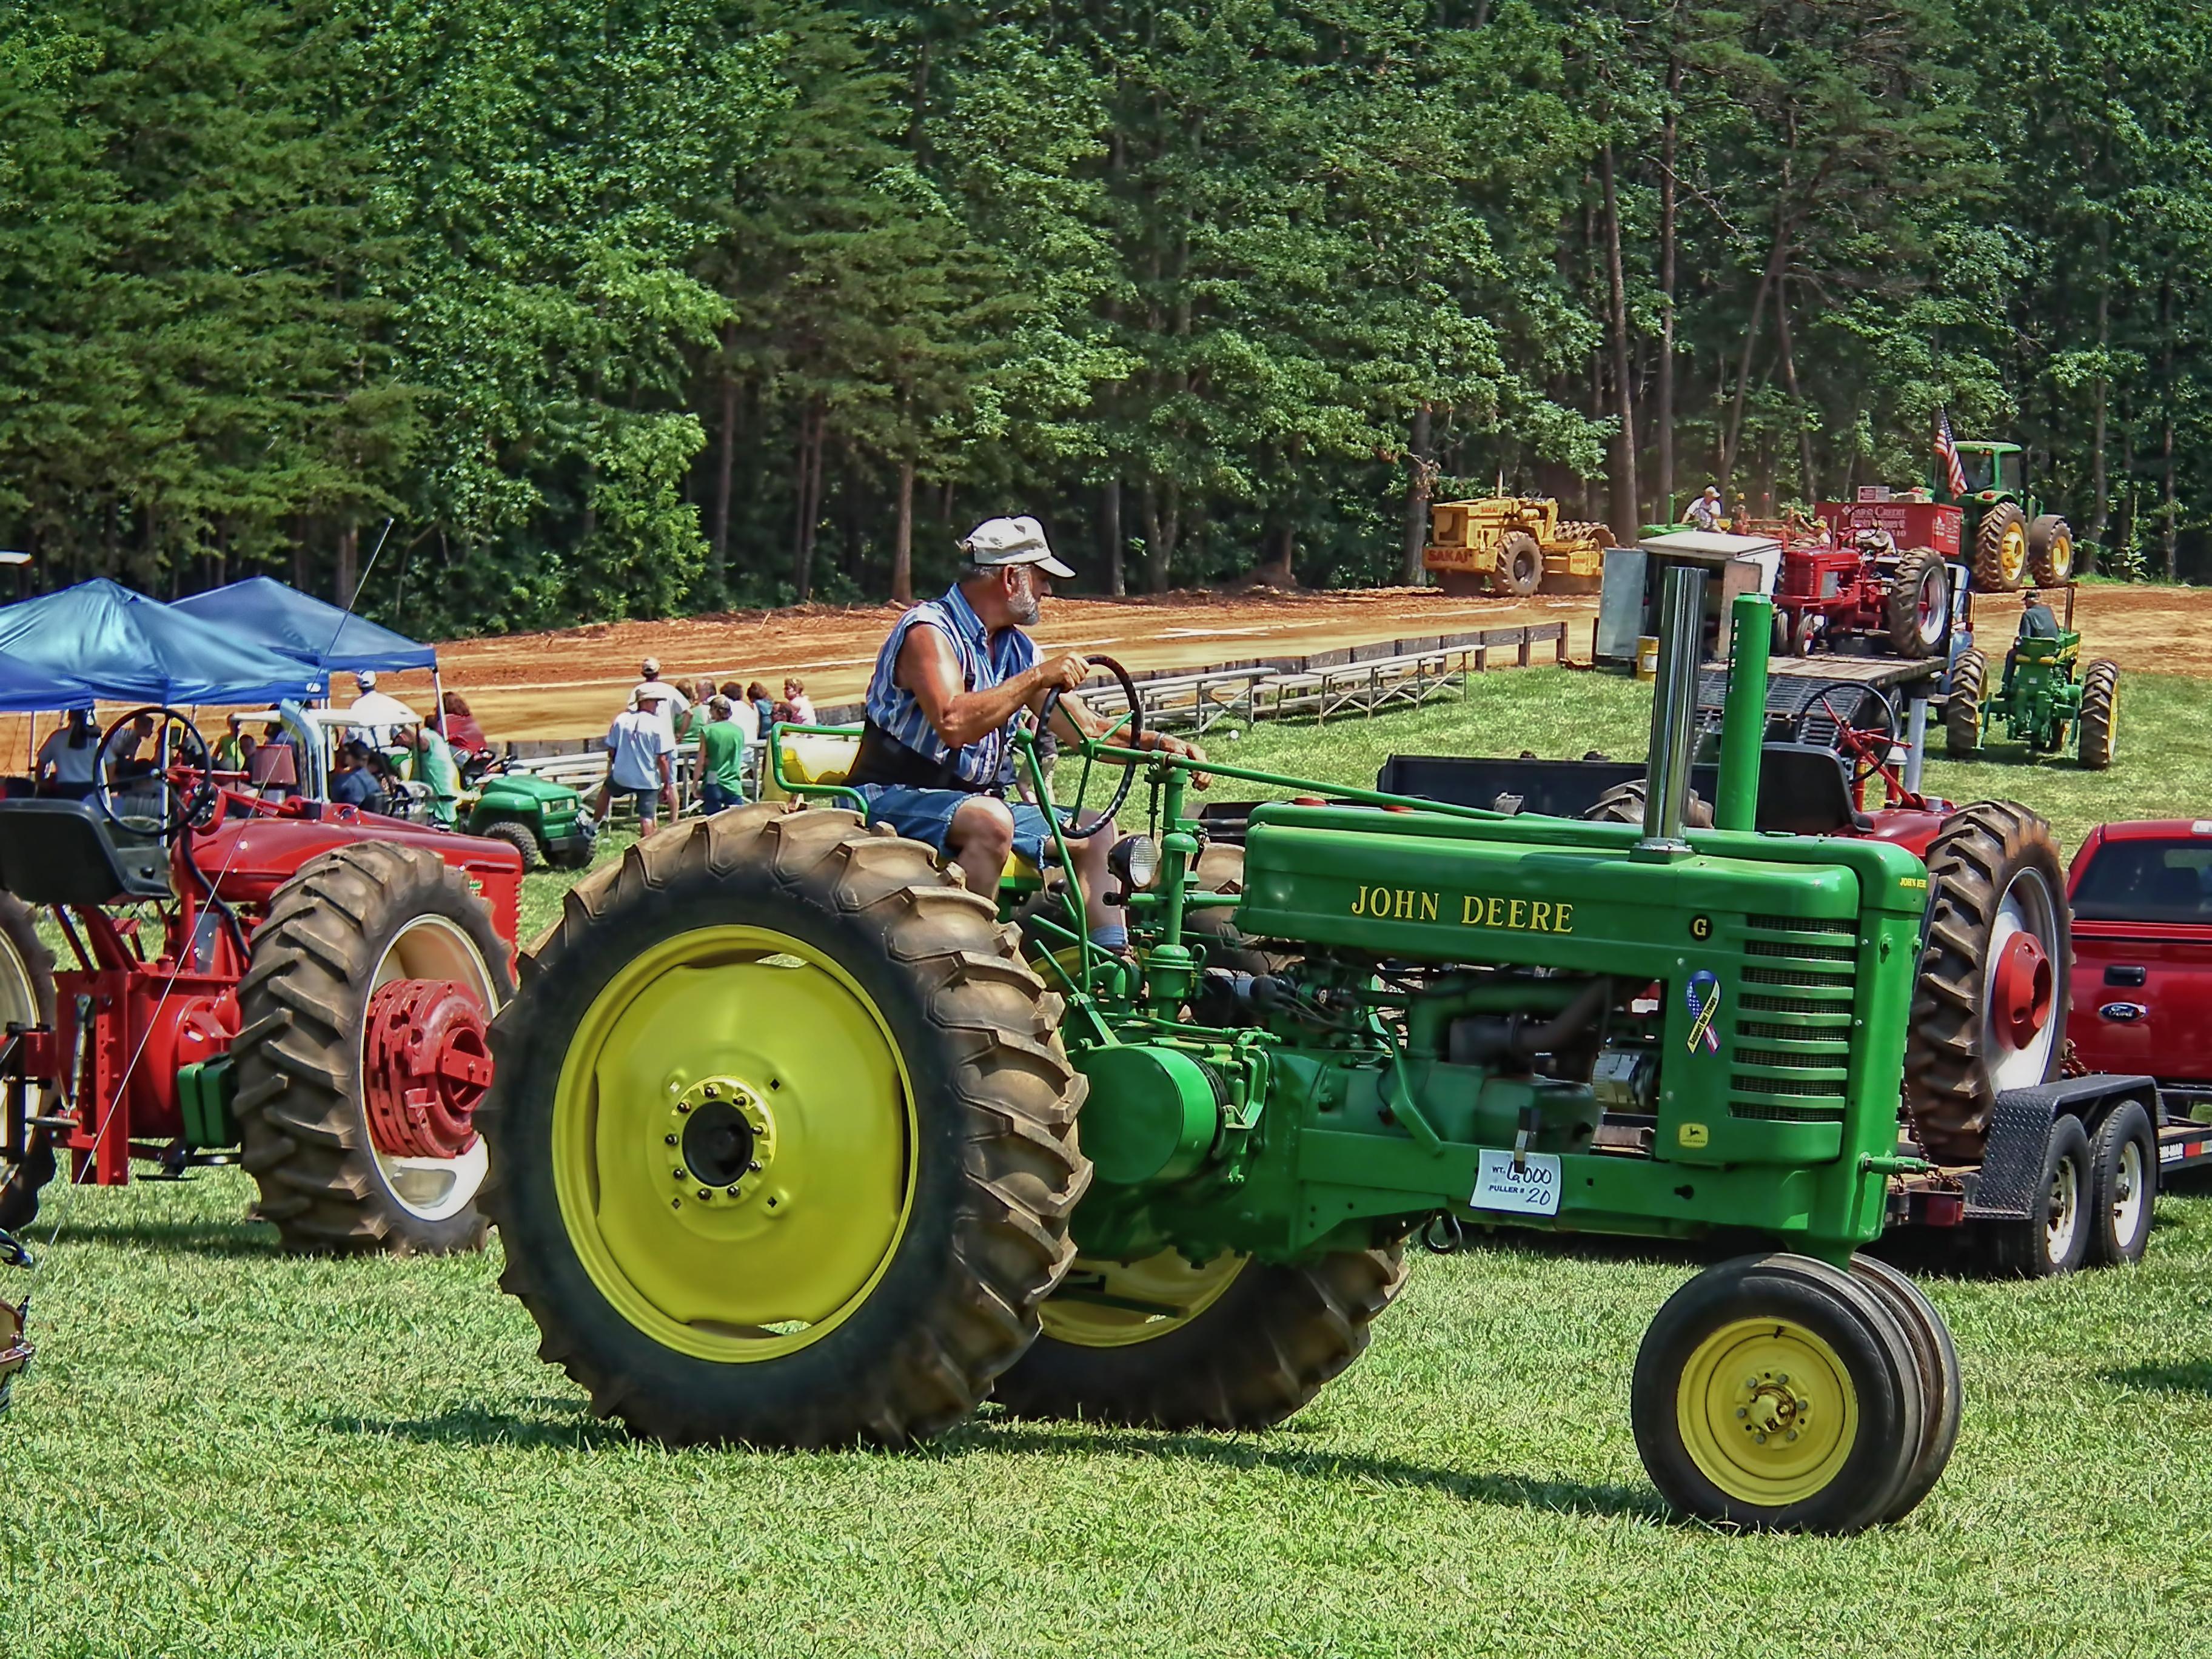 Farm Tractor Electronics : Used kubota tractor ebay electronics cars fashion